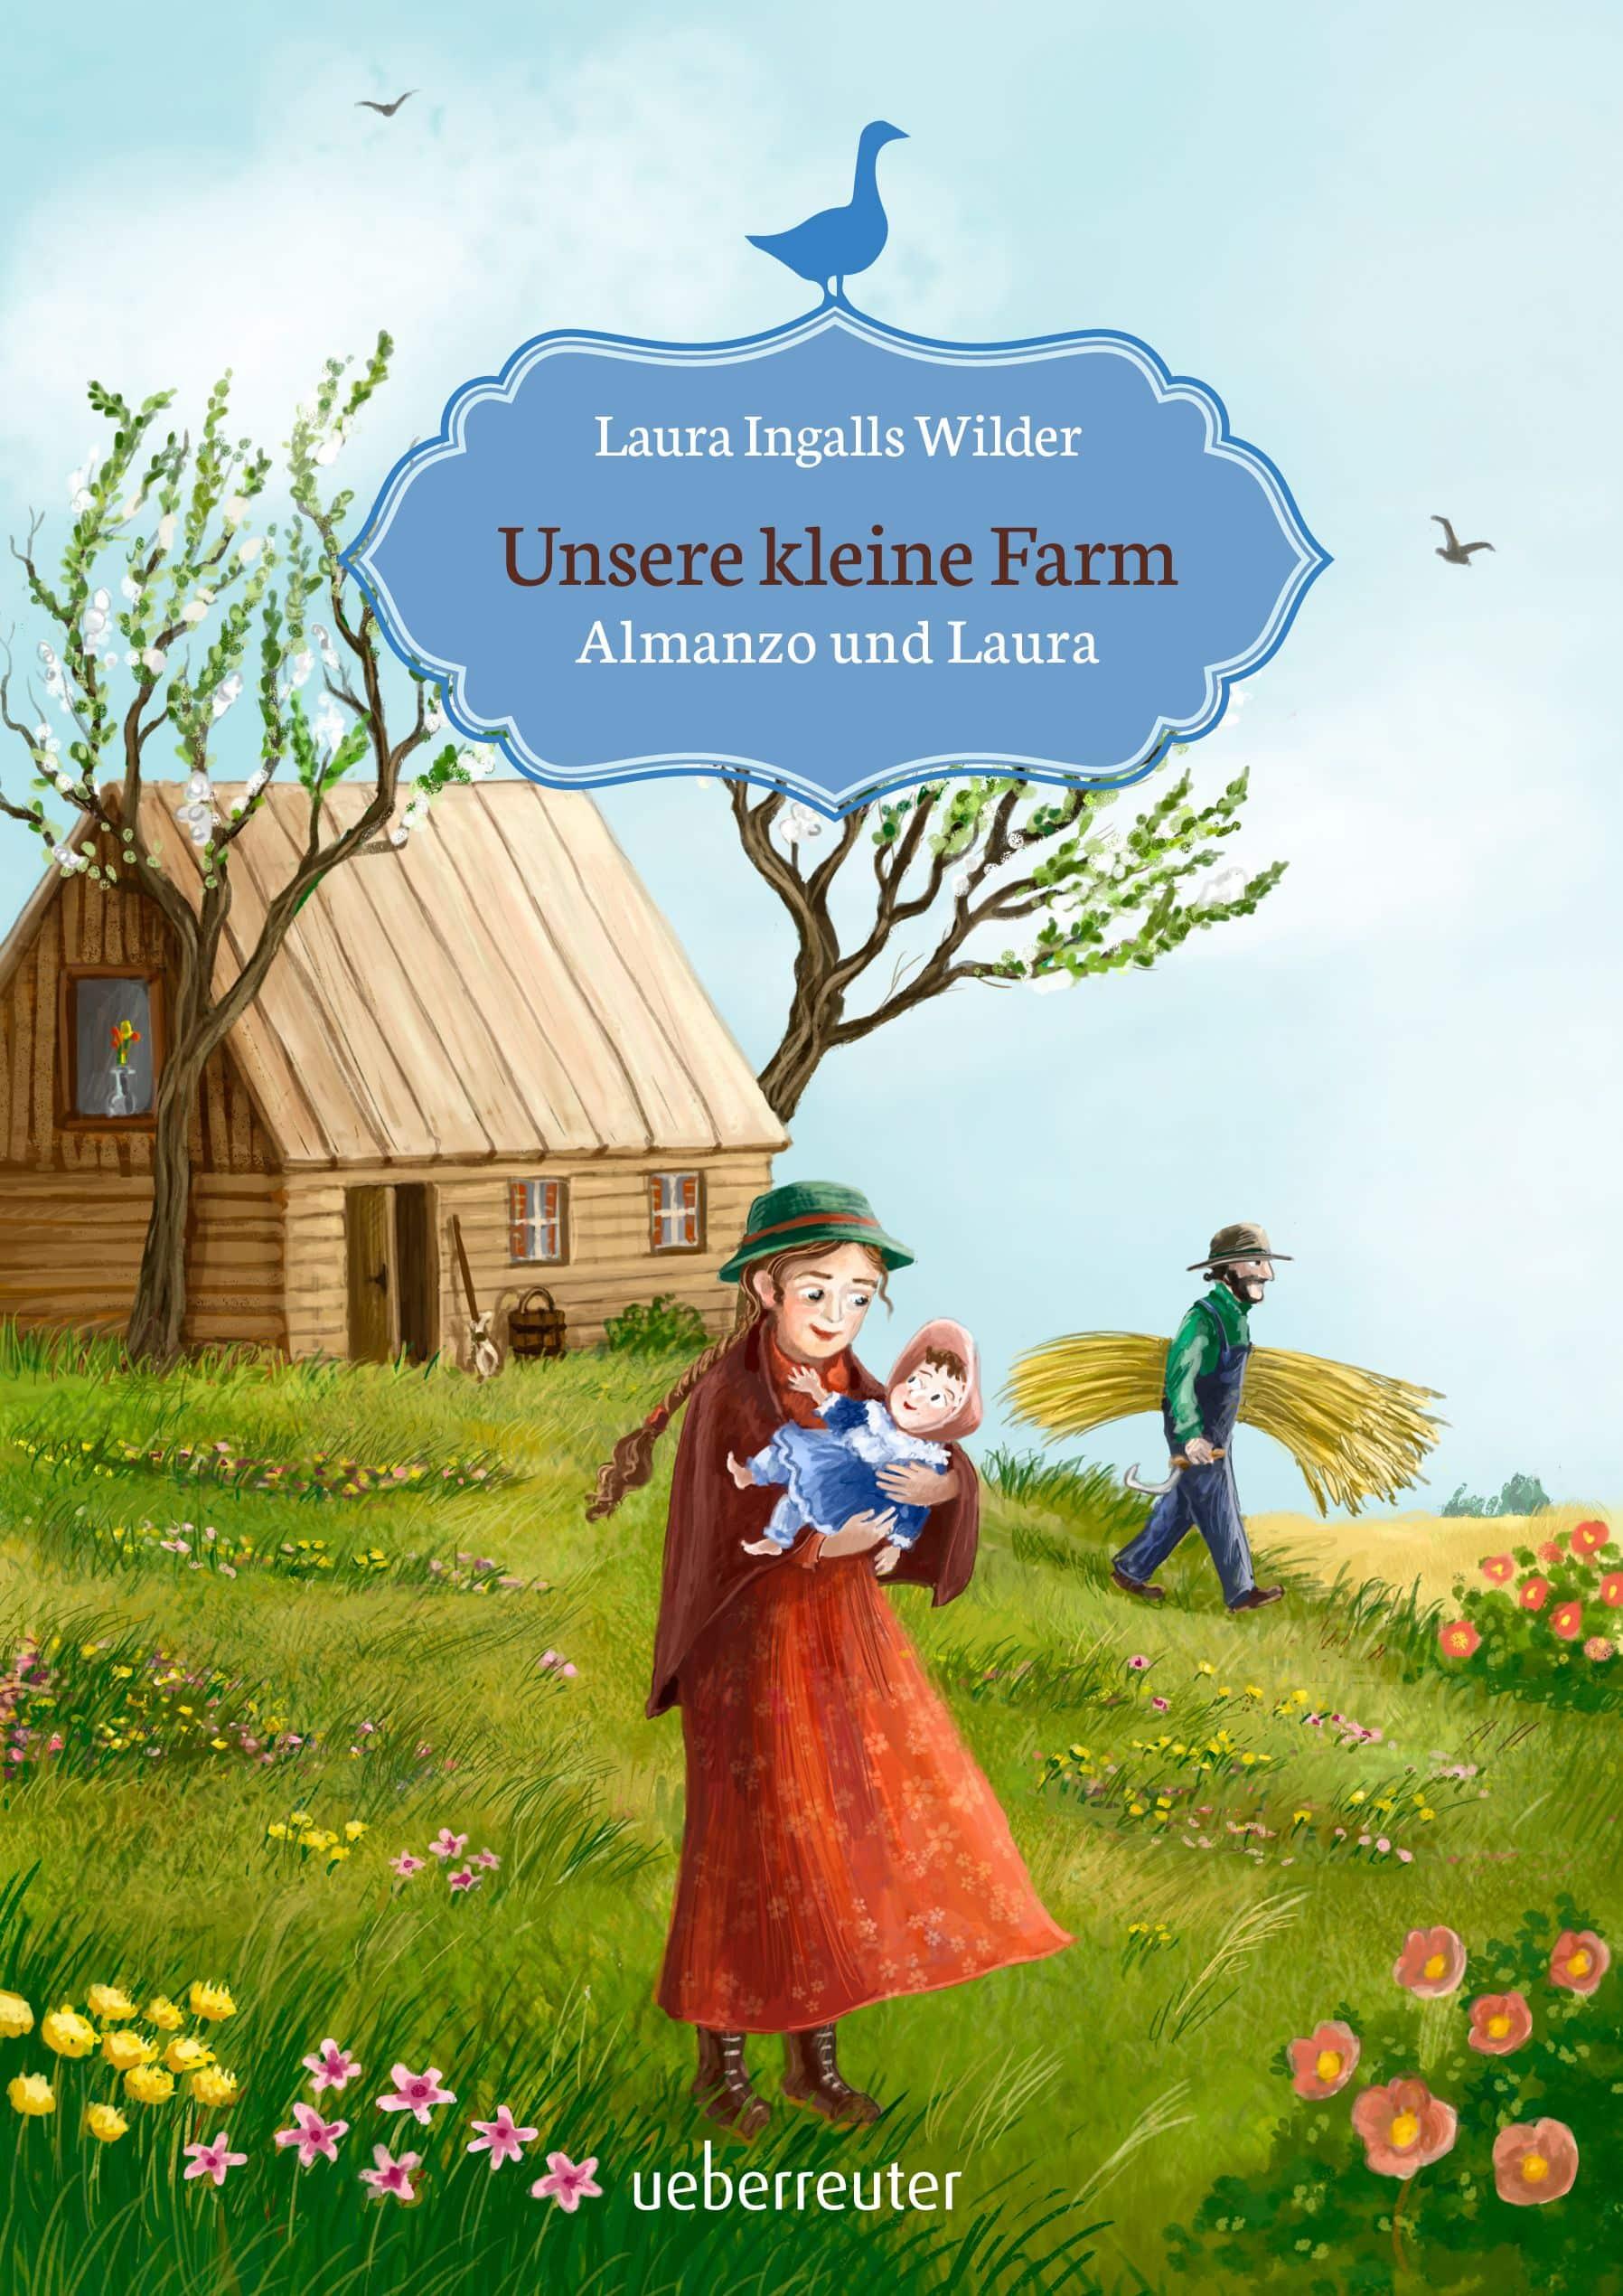 Unsere kleine Farm – Almanzo und Laura (Unsere kleine Farm, Bd. 8)